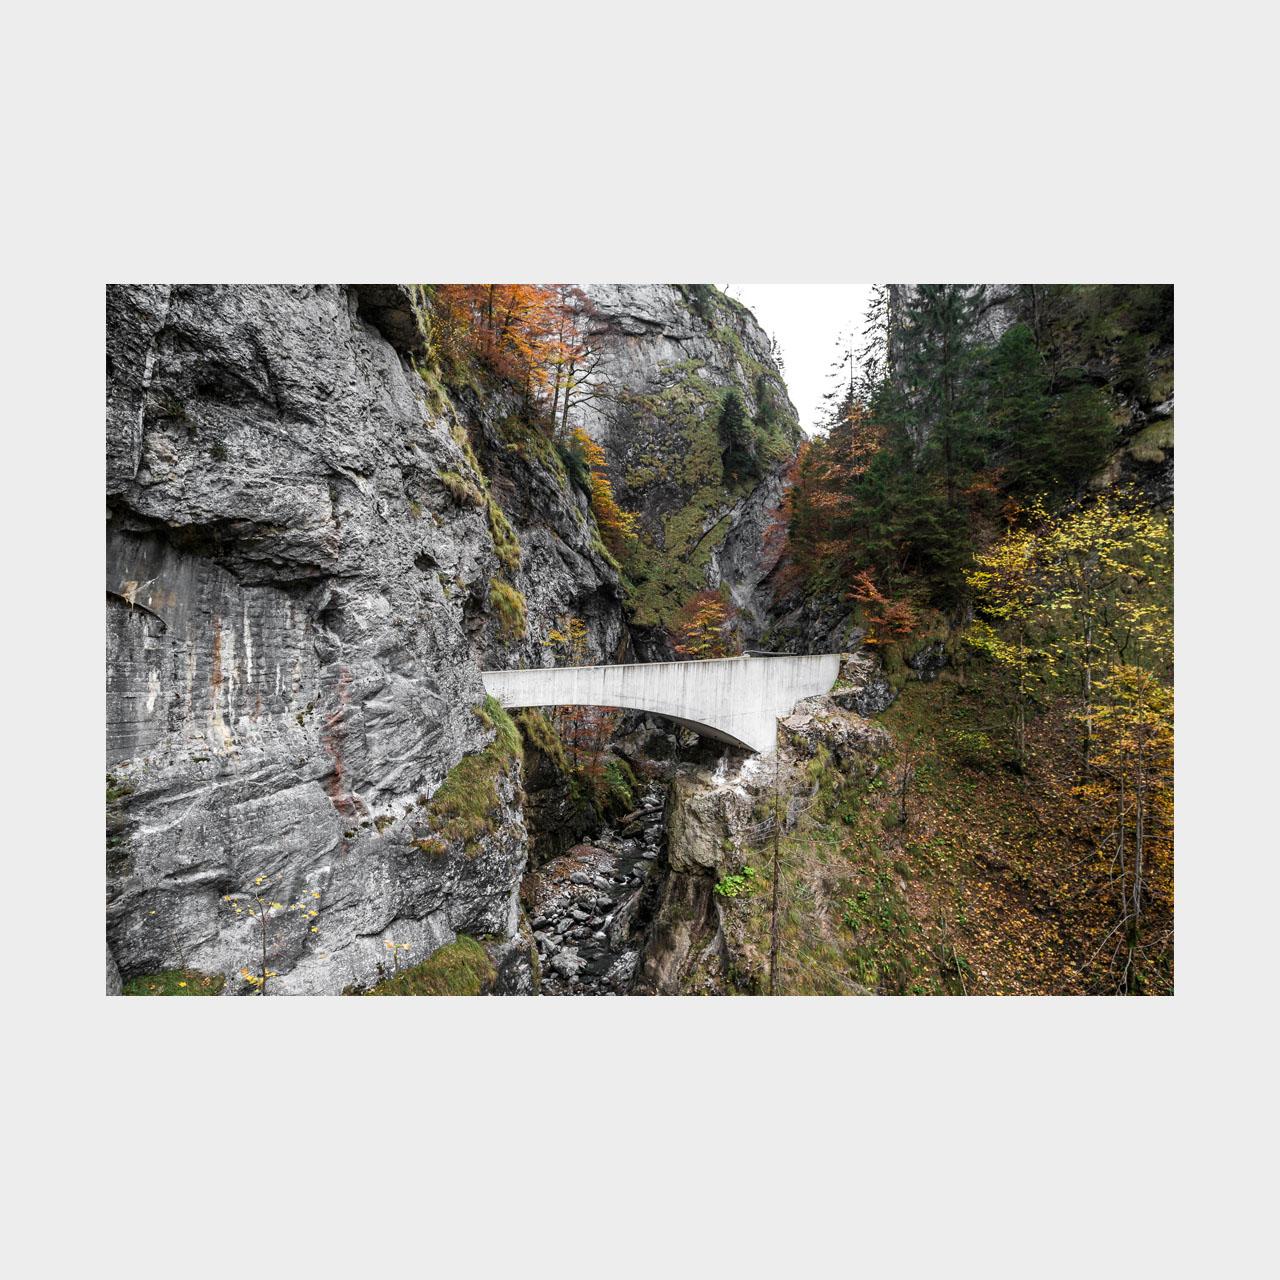 Architekturfotografie Schaufelschluchtbrücke Ebnit